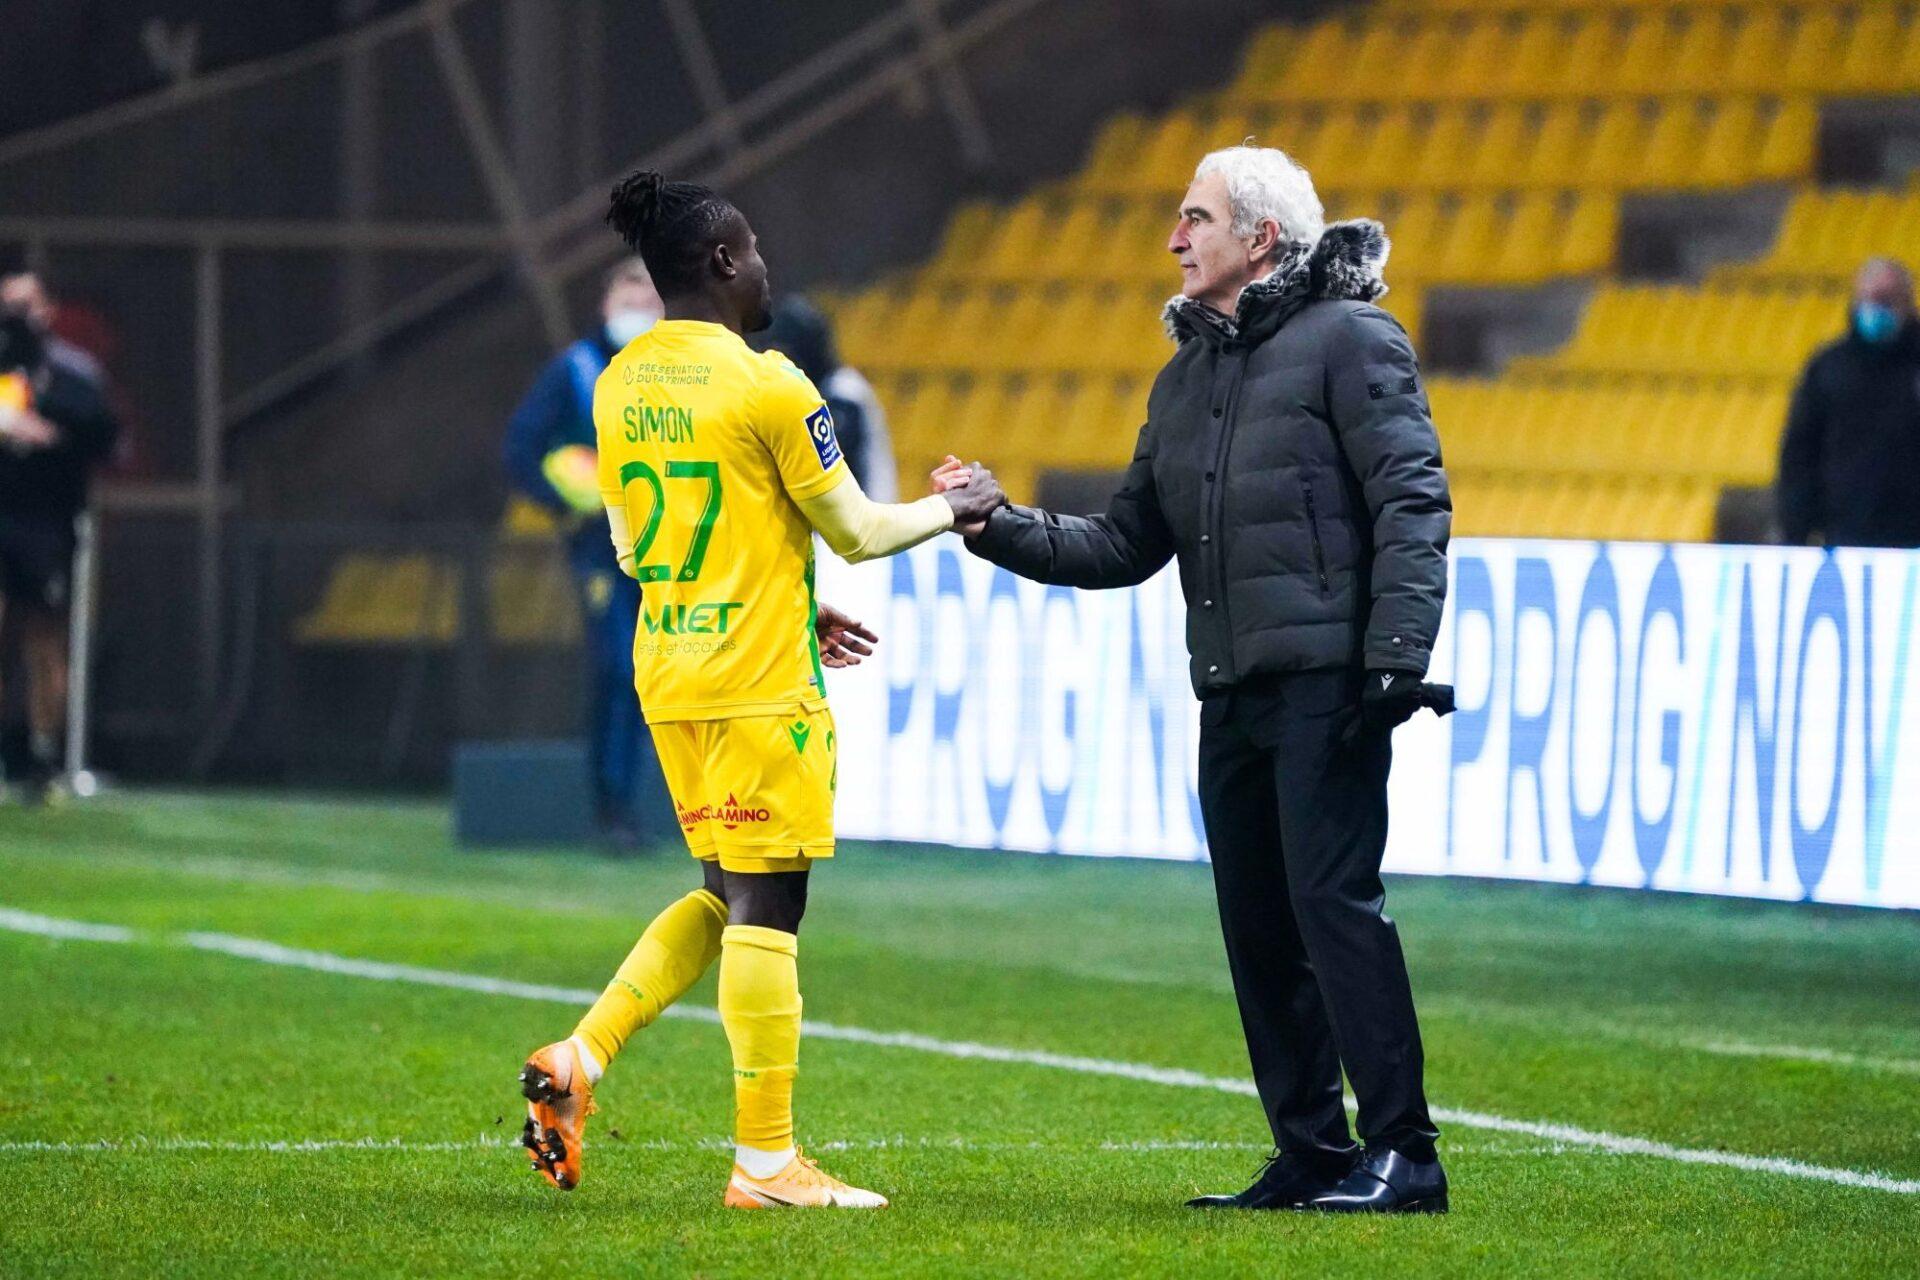 """Raymond Domenech assure qu'il a vécu """"une belle expérience"""" avec ses anciens joueurs de Nantes, dont Simon Moses. Icon Sport"""